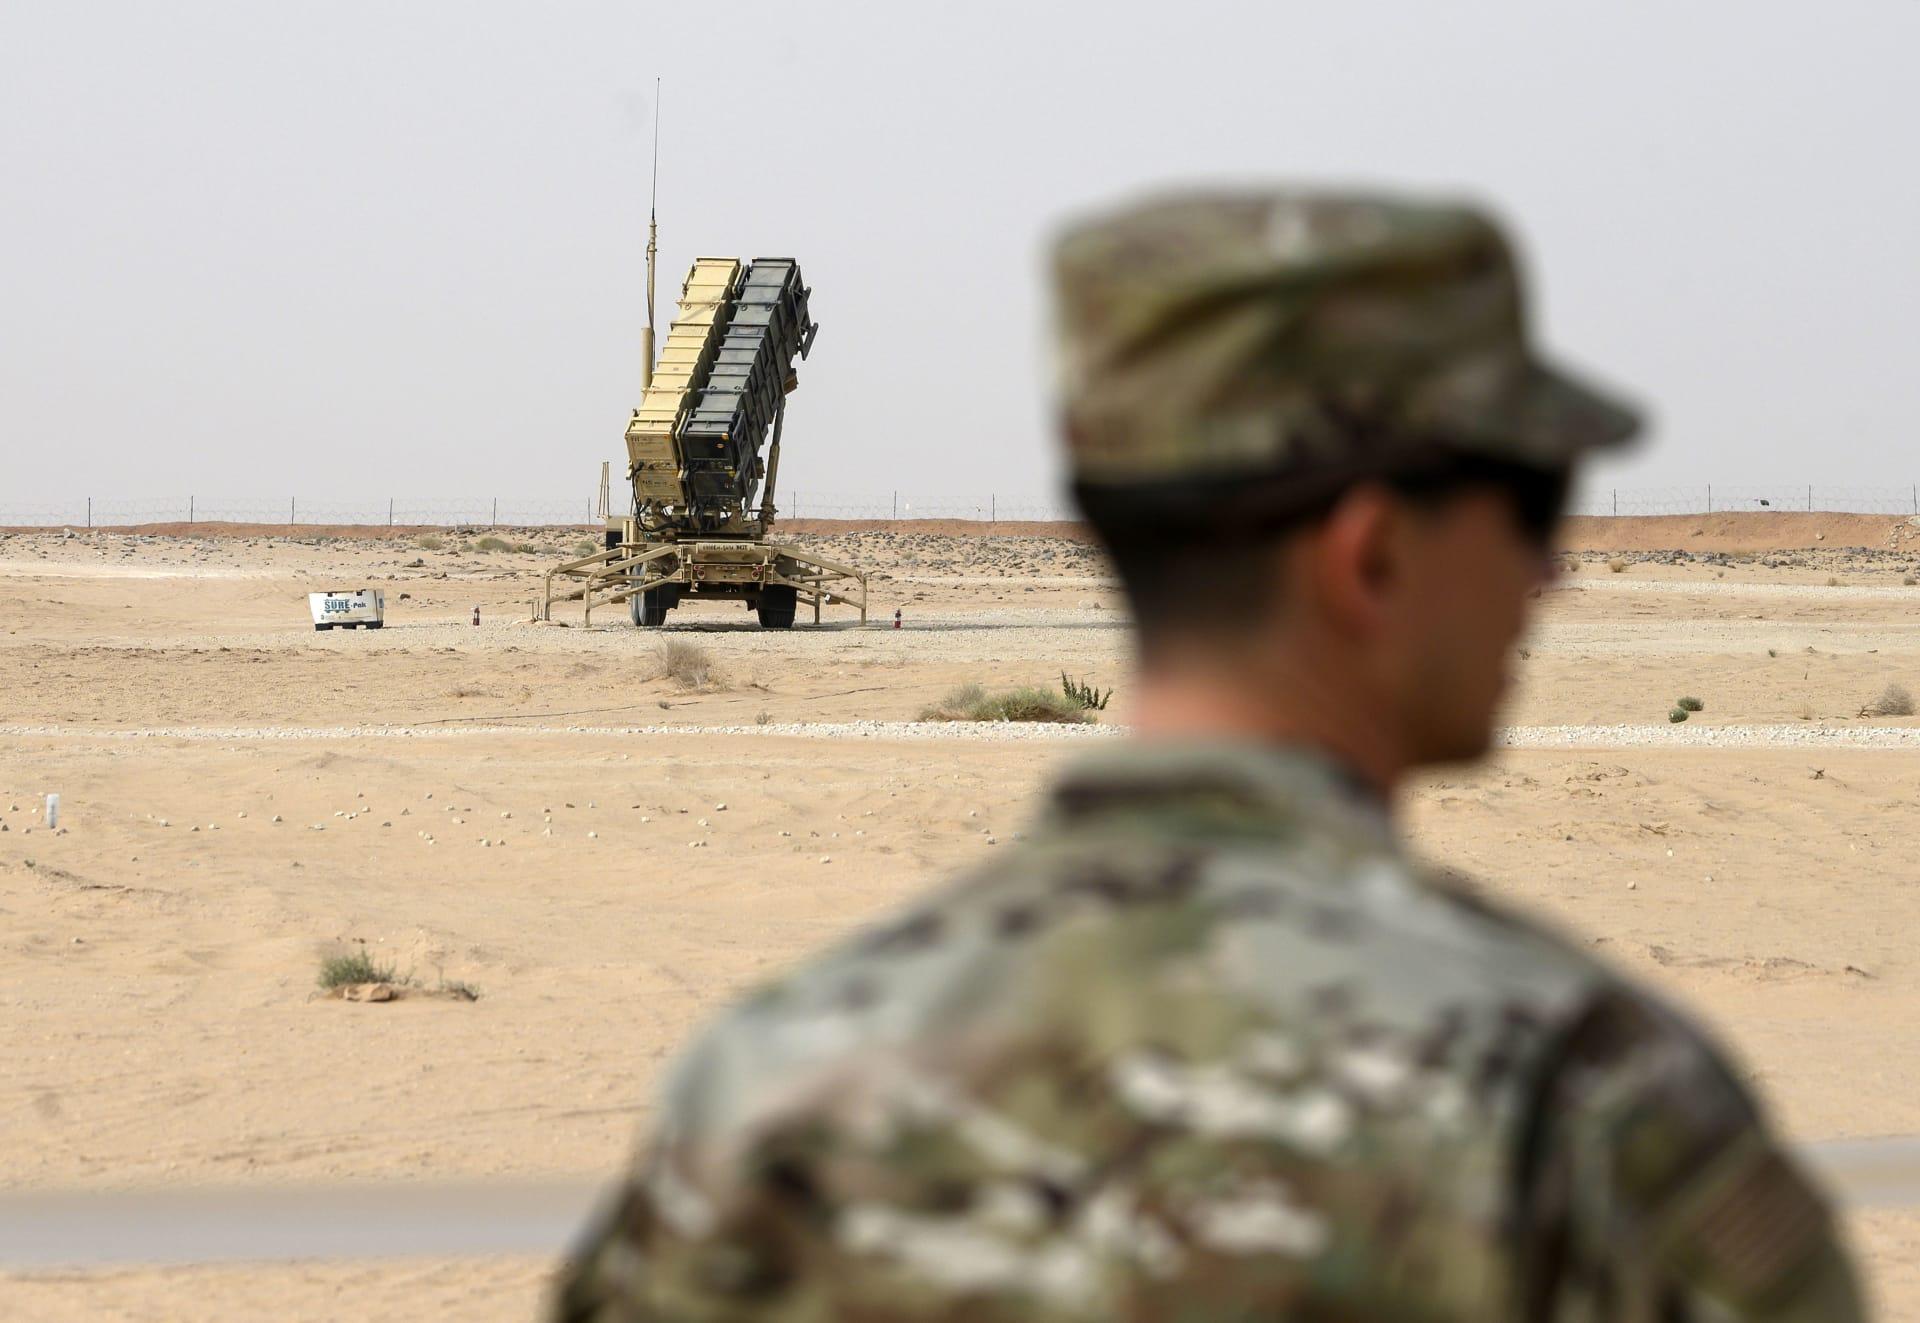 مع إعلان سحب دفاعات جوية أمريكية.. السعودية تتصدى لـ17 هجومًا في يوم واحد